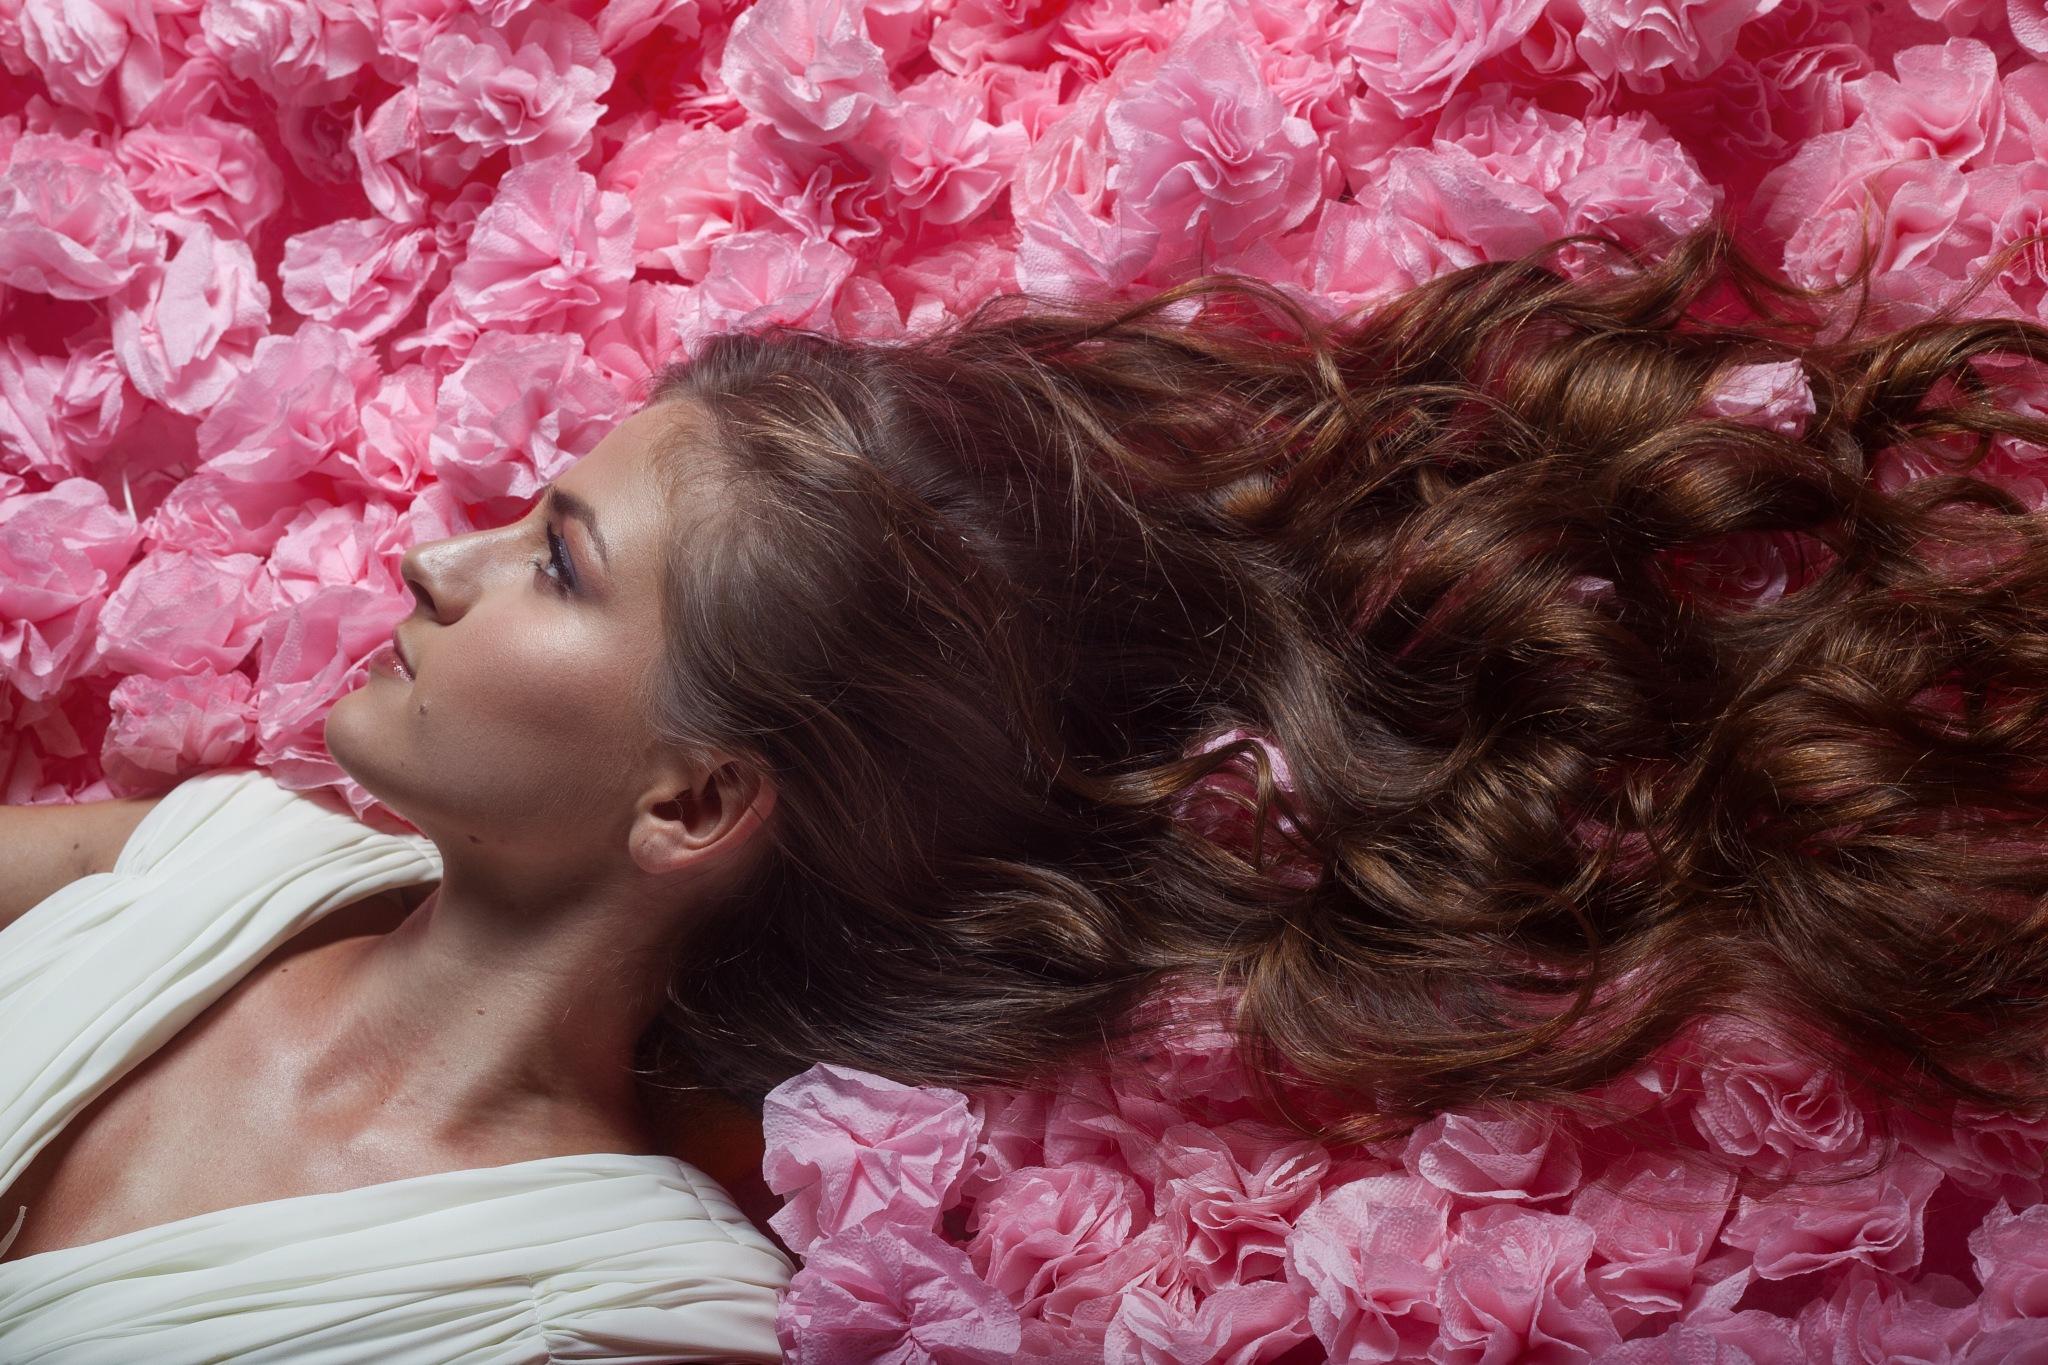 Bride in flowers by Alexey Vladimir